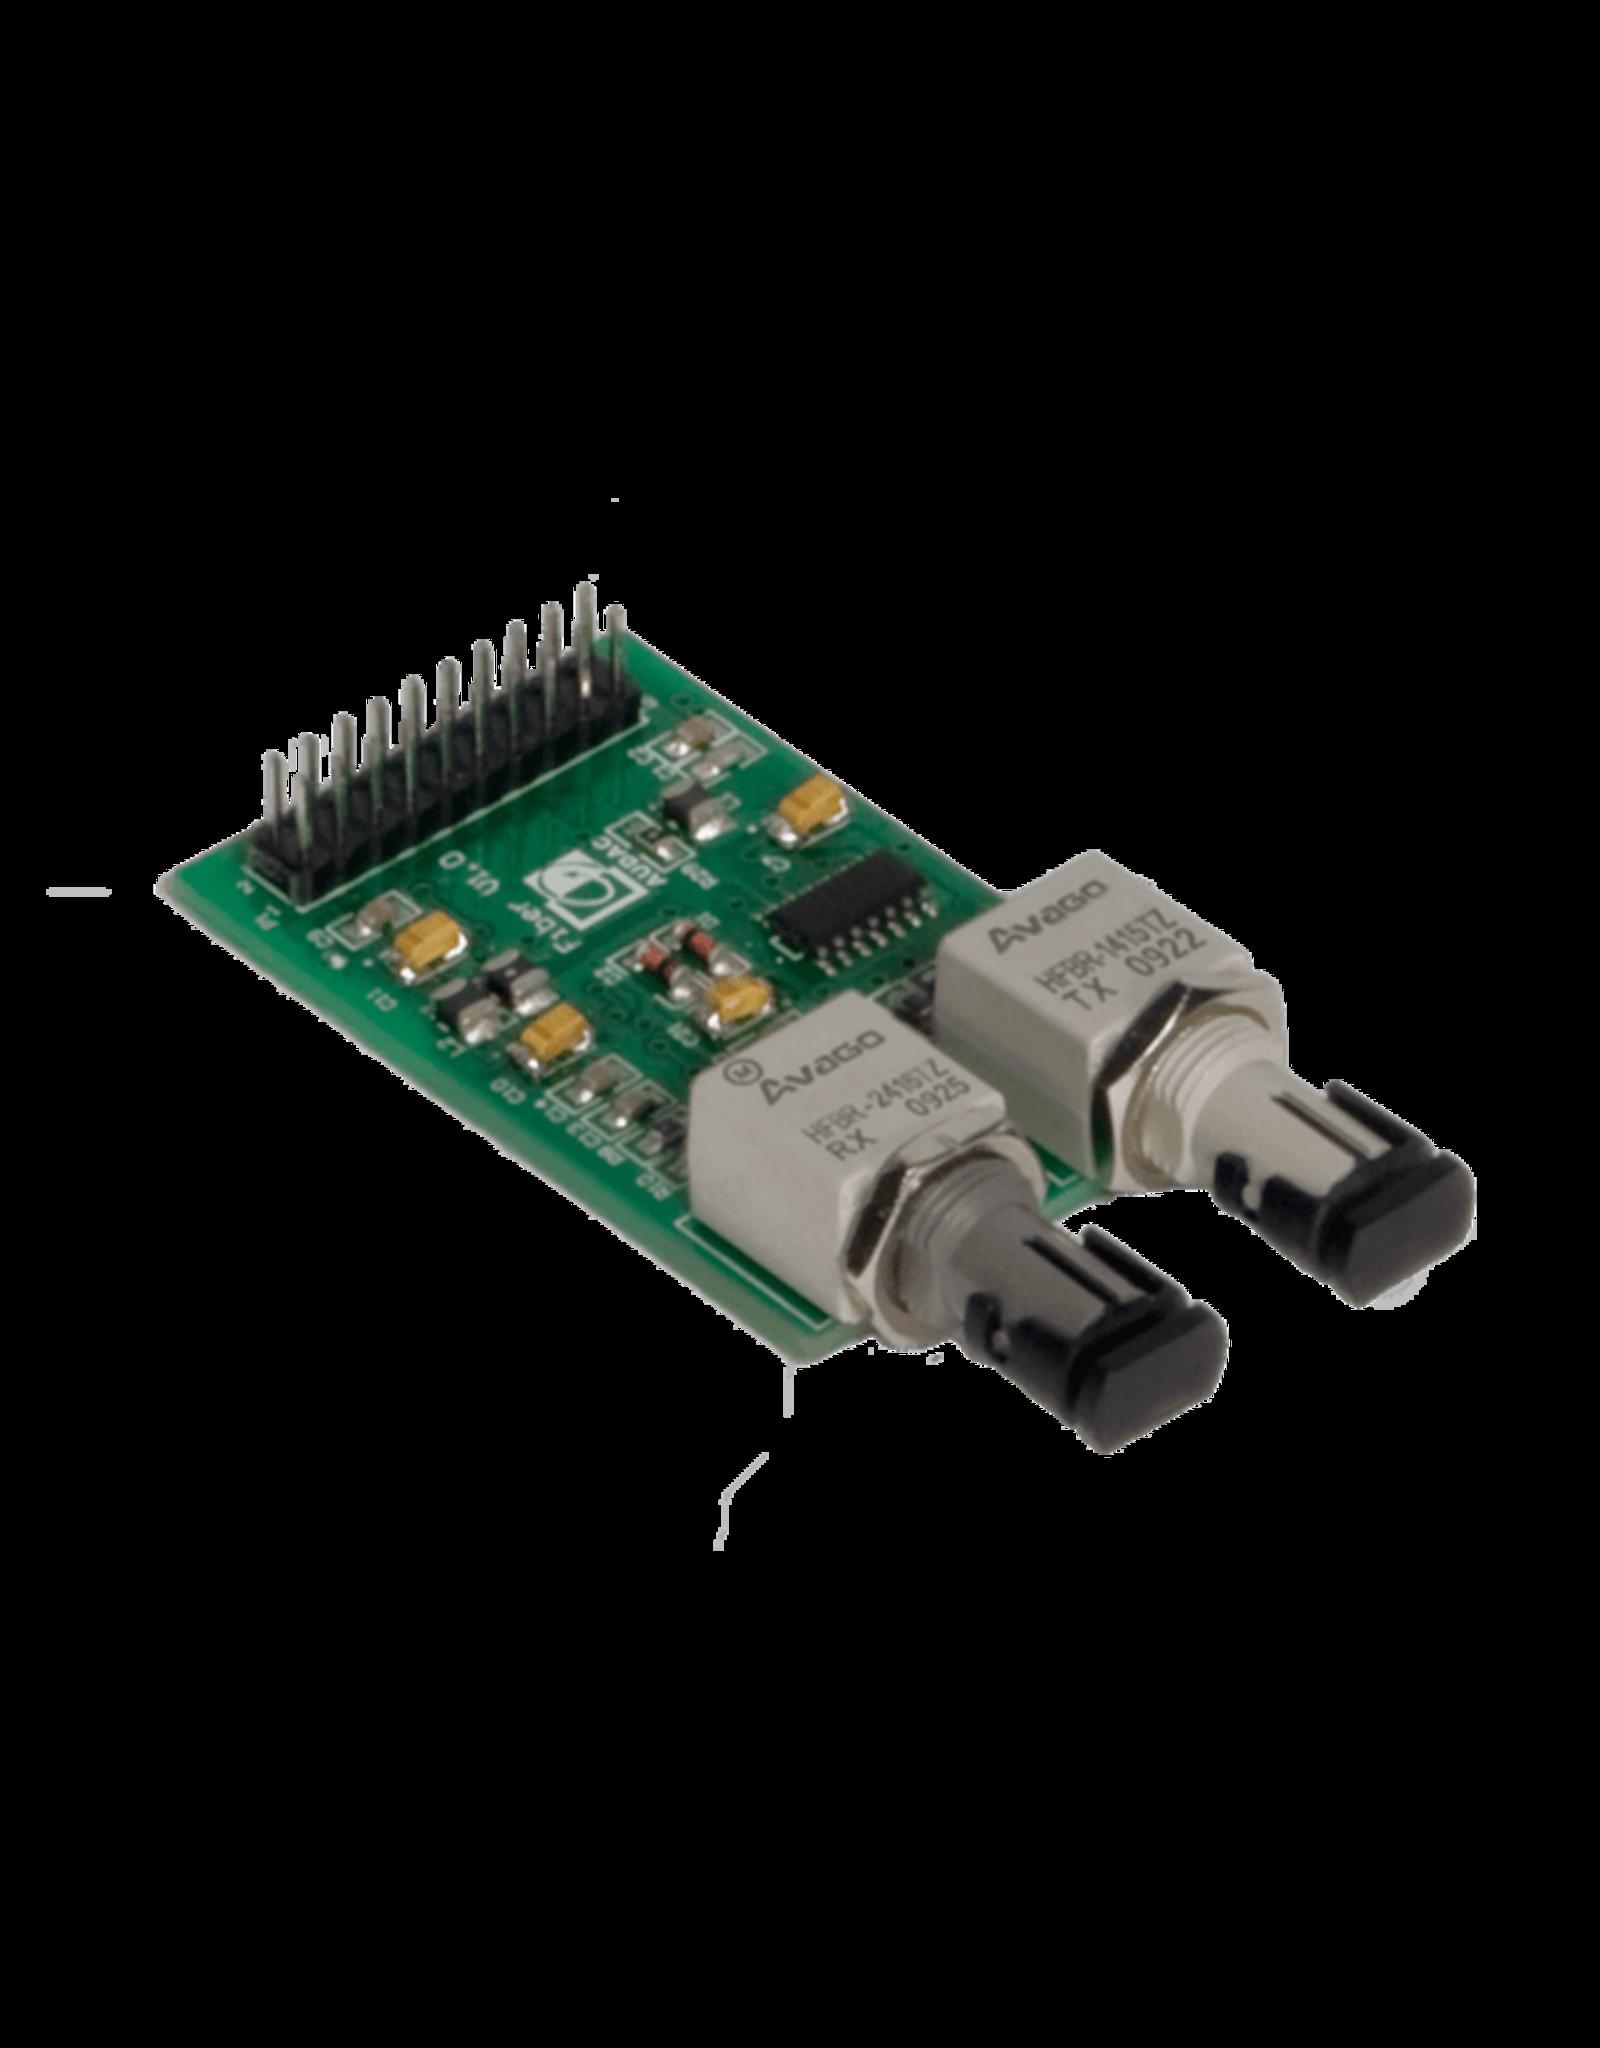 Audac Optical fiber kit